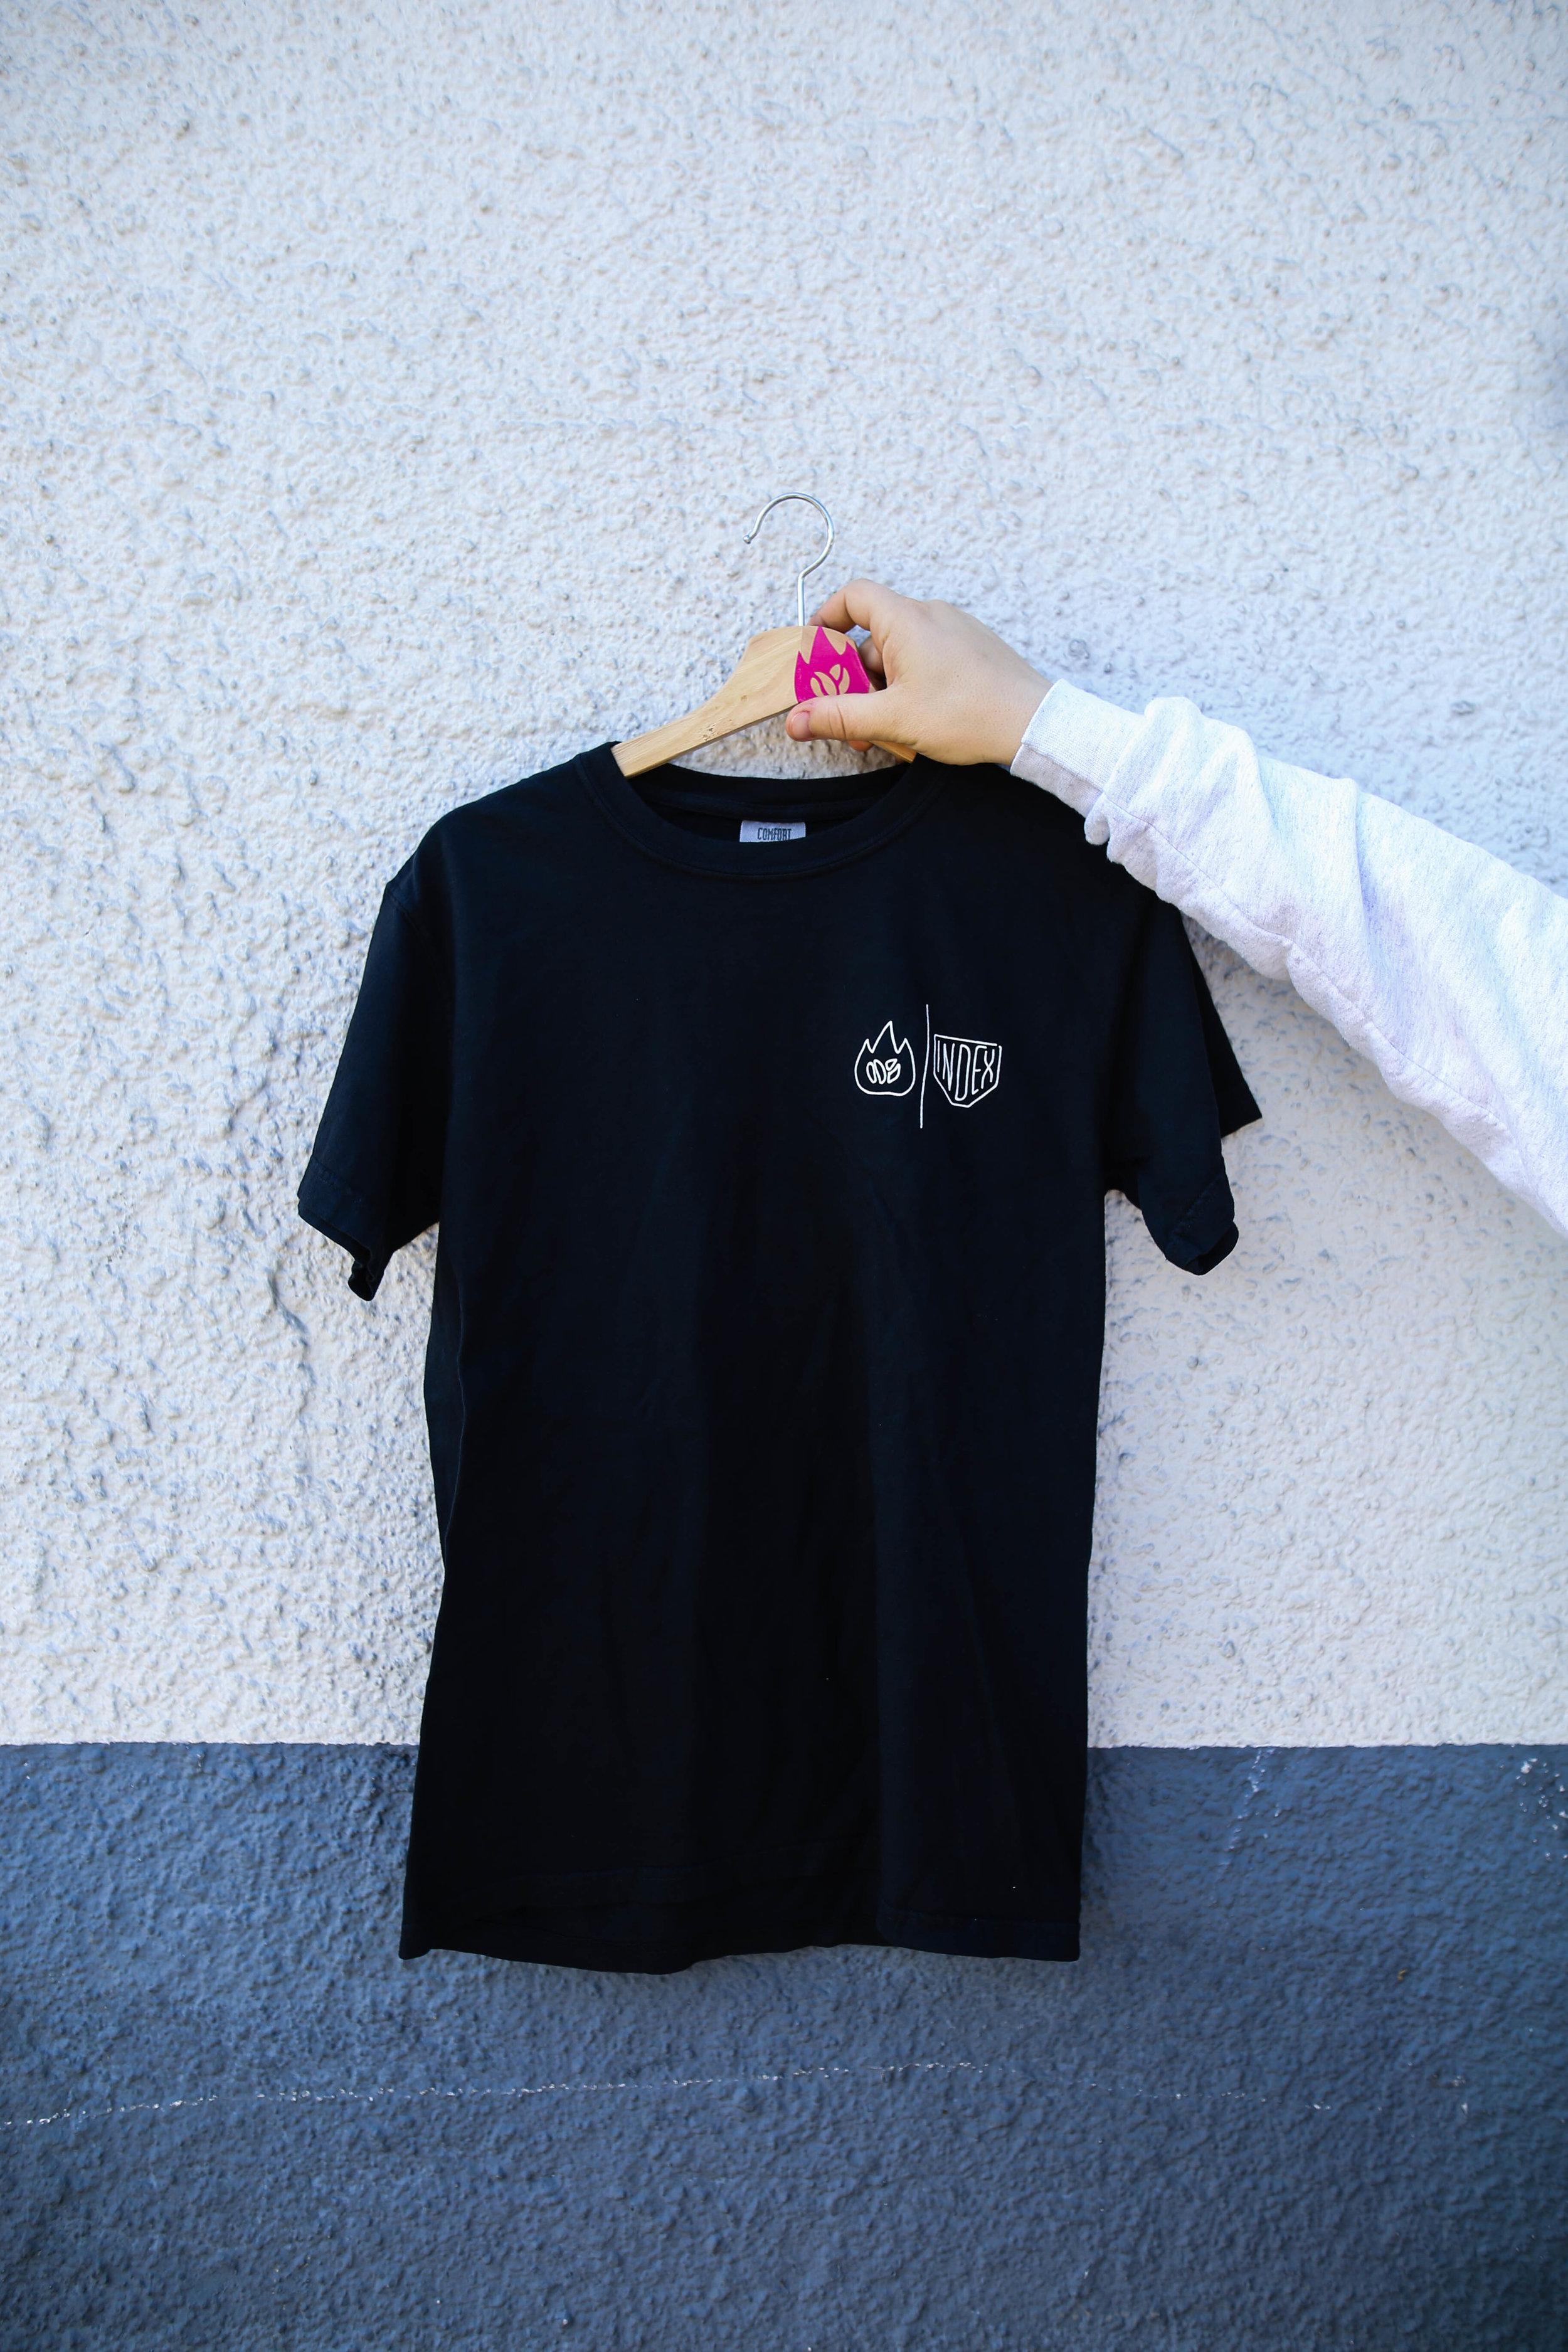 18e8d495ea652 Deadstock Index Shirt - Black